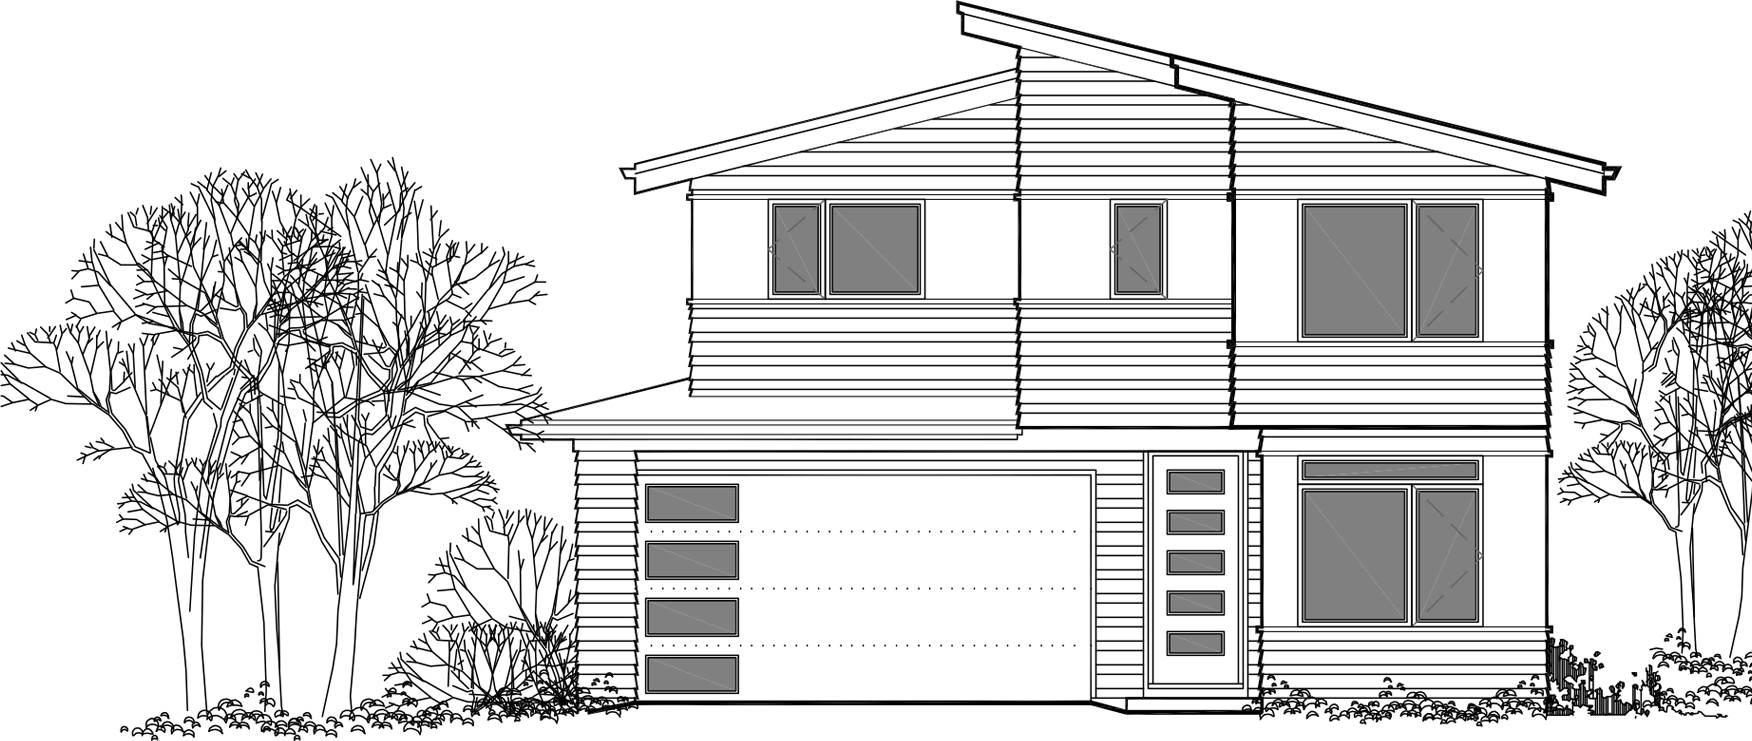 7609 SW Helene, Wilsonville, OR 97070